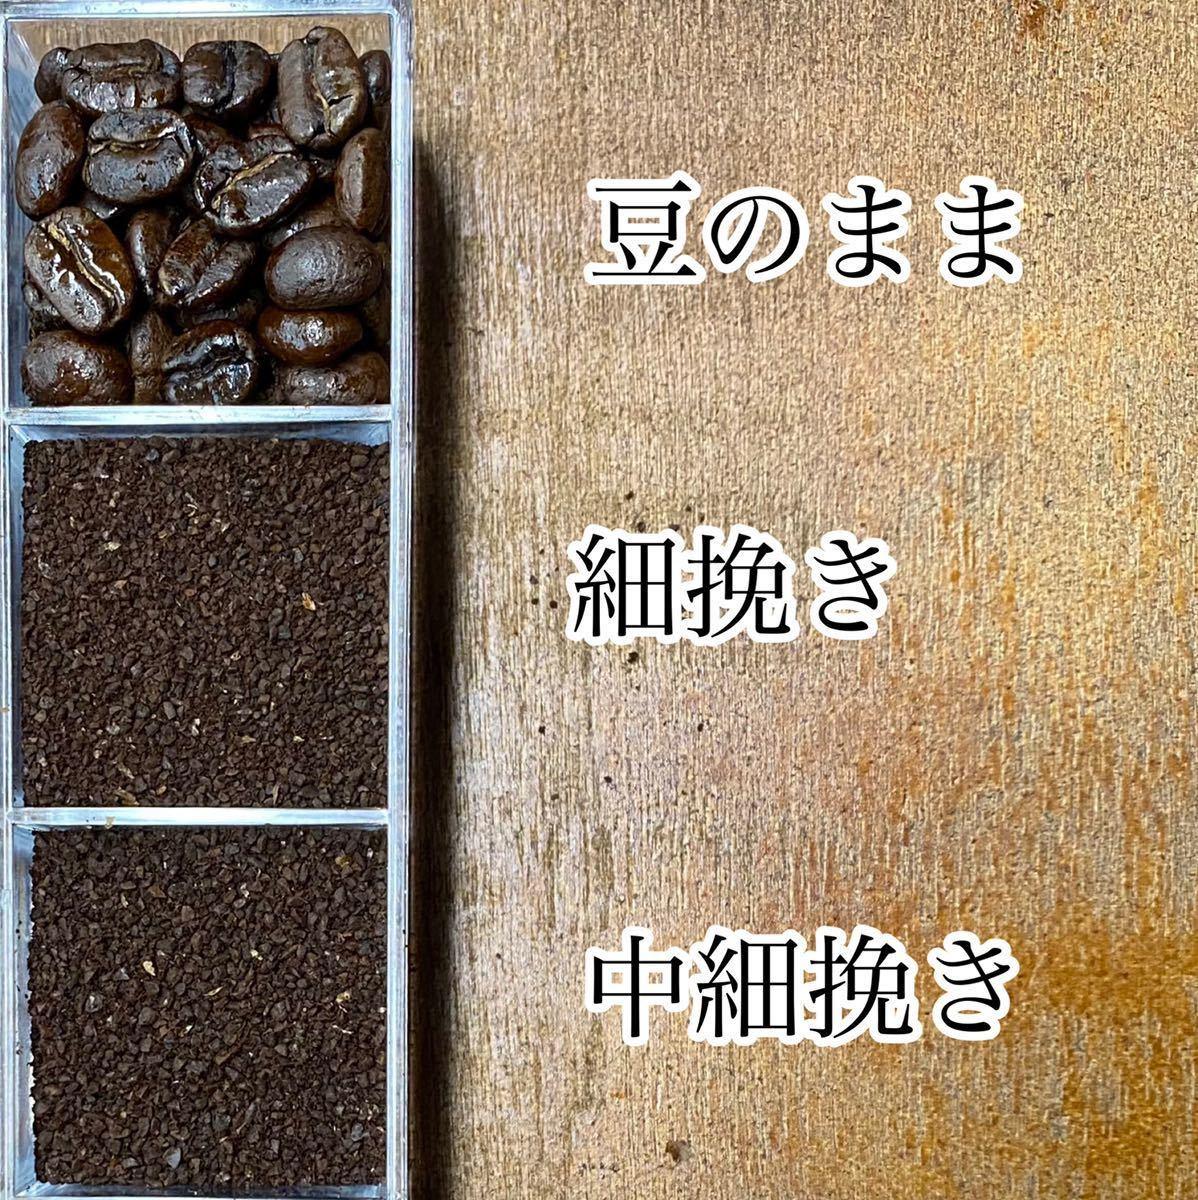 自家焙煎コーヒー豆 ブレンドロブスター(300g×2個)